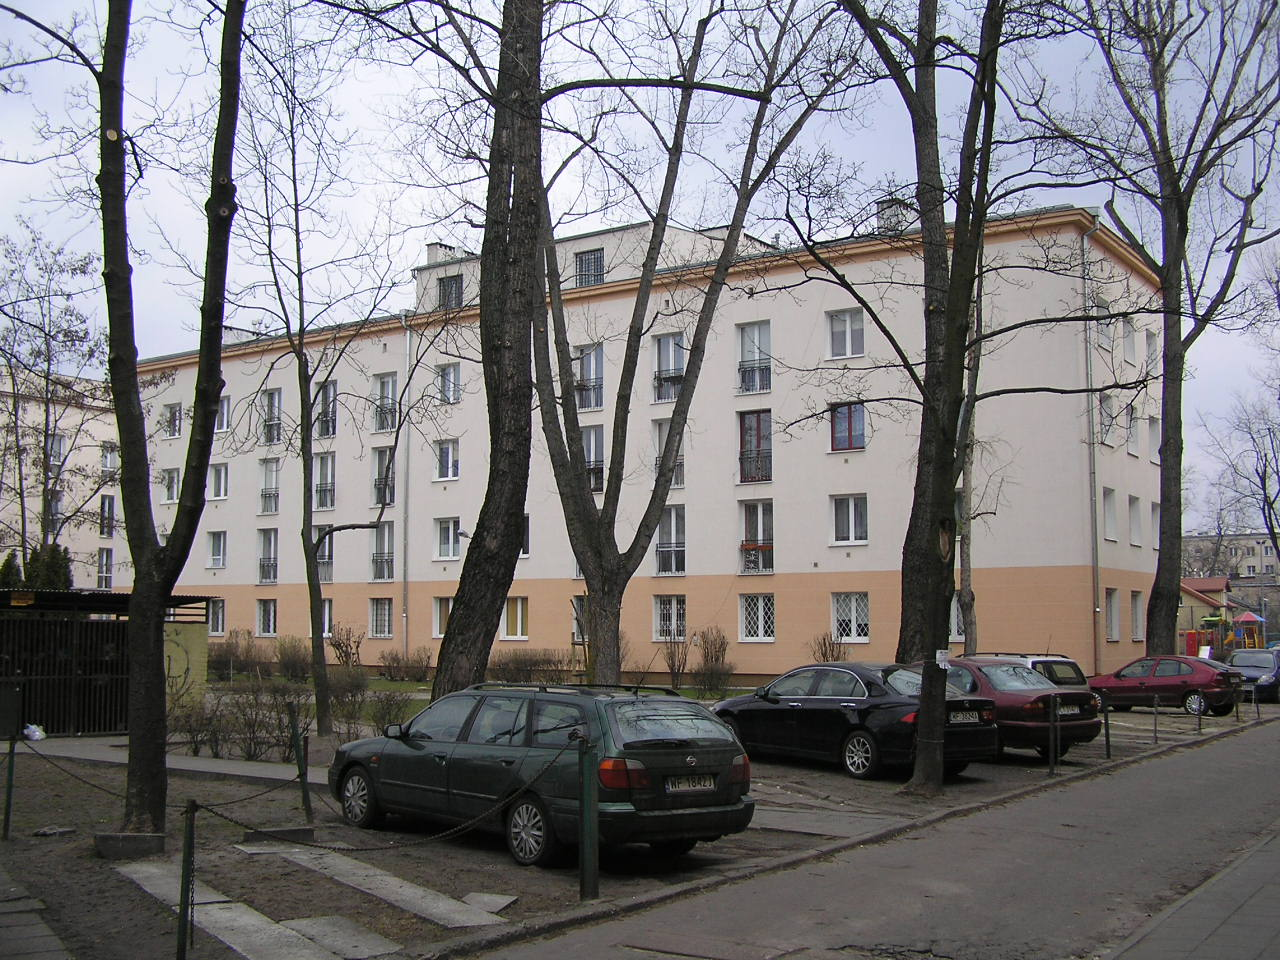 Budynek przy ulicy Dwernickiego 23A na Grochowie